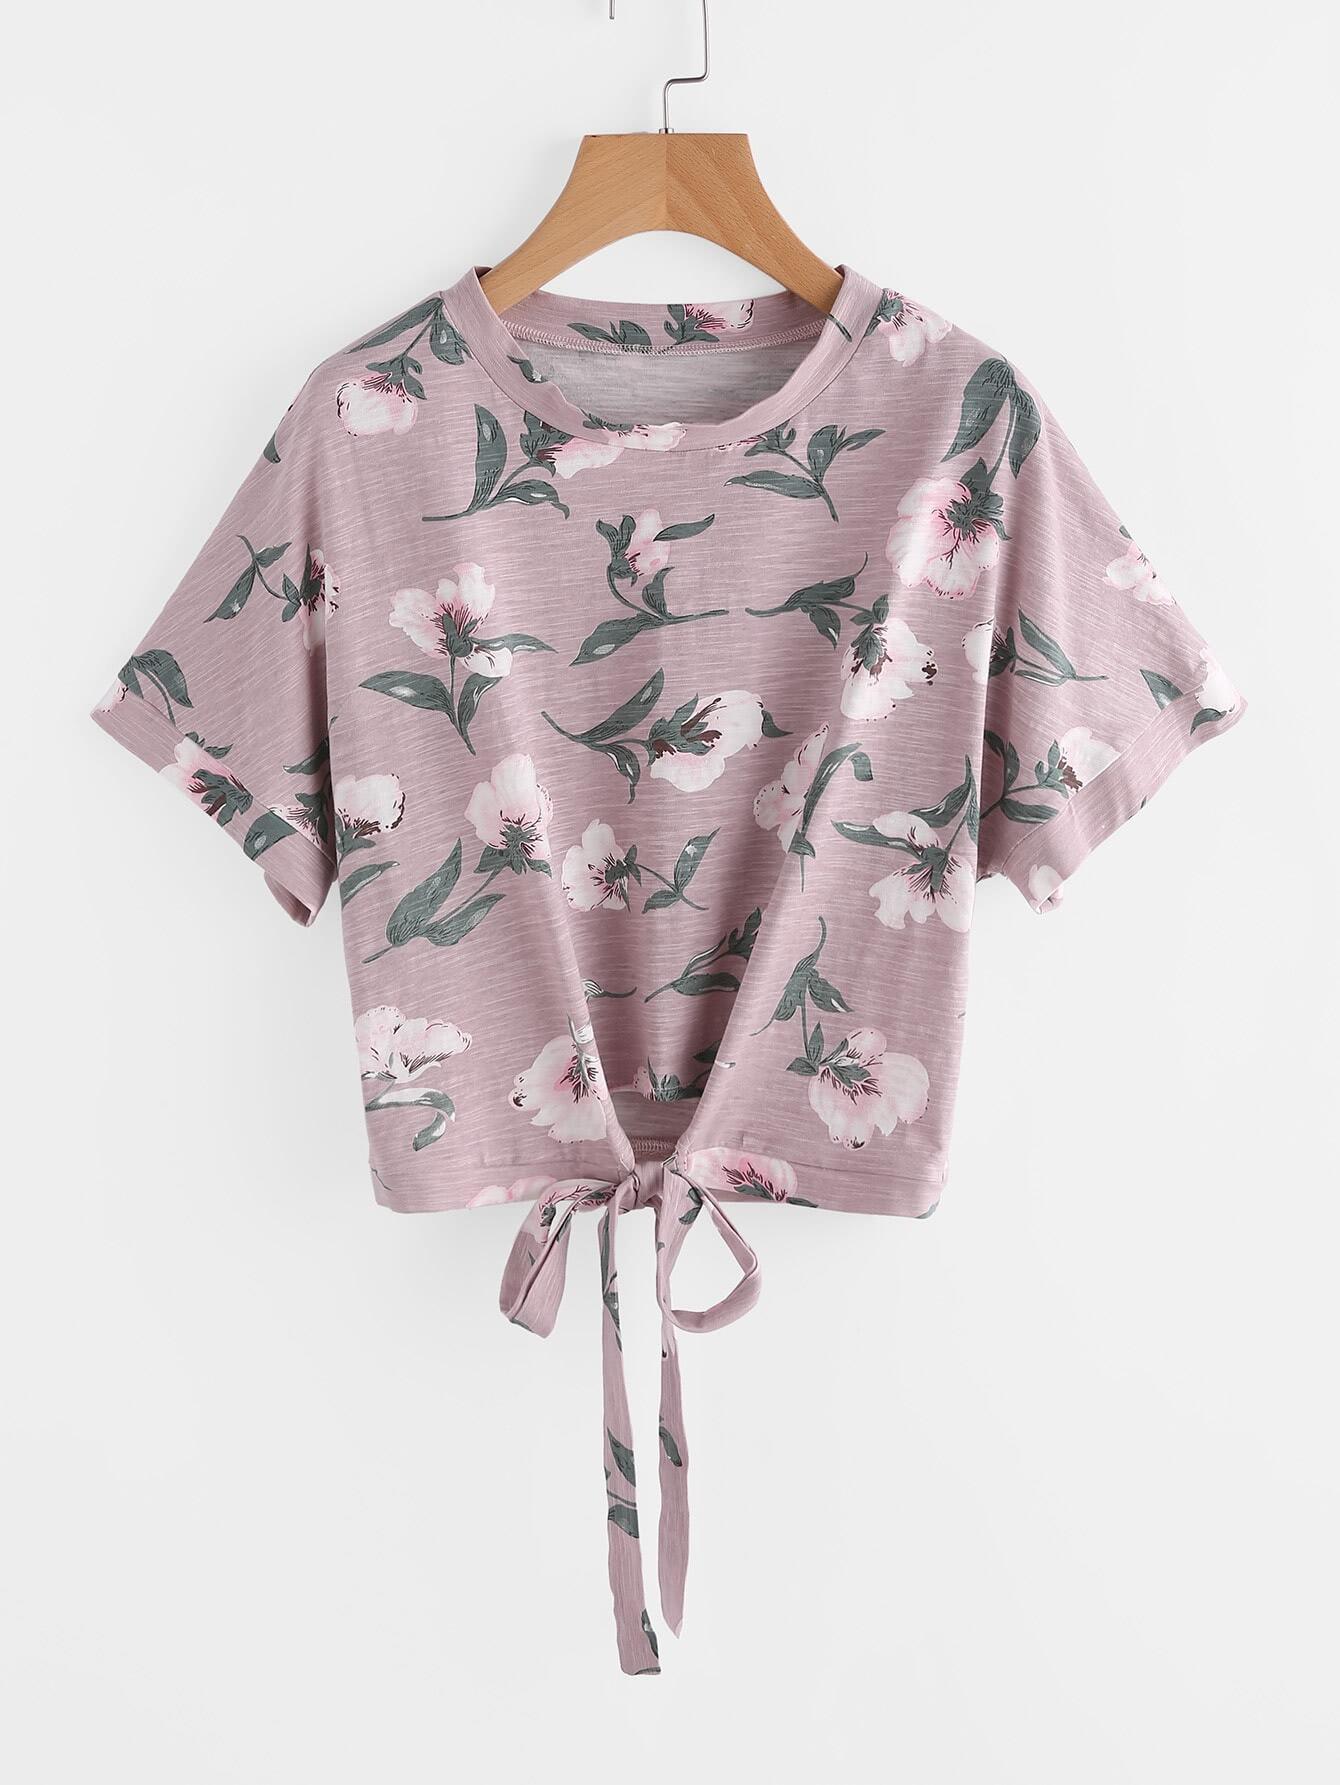 Flower Print Tie Front Slub Tee full length slub tee dress